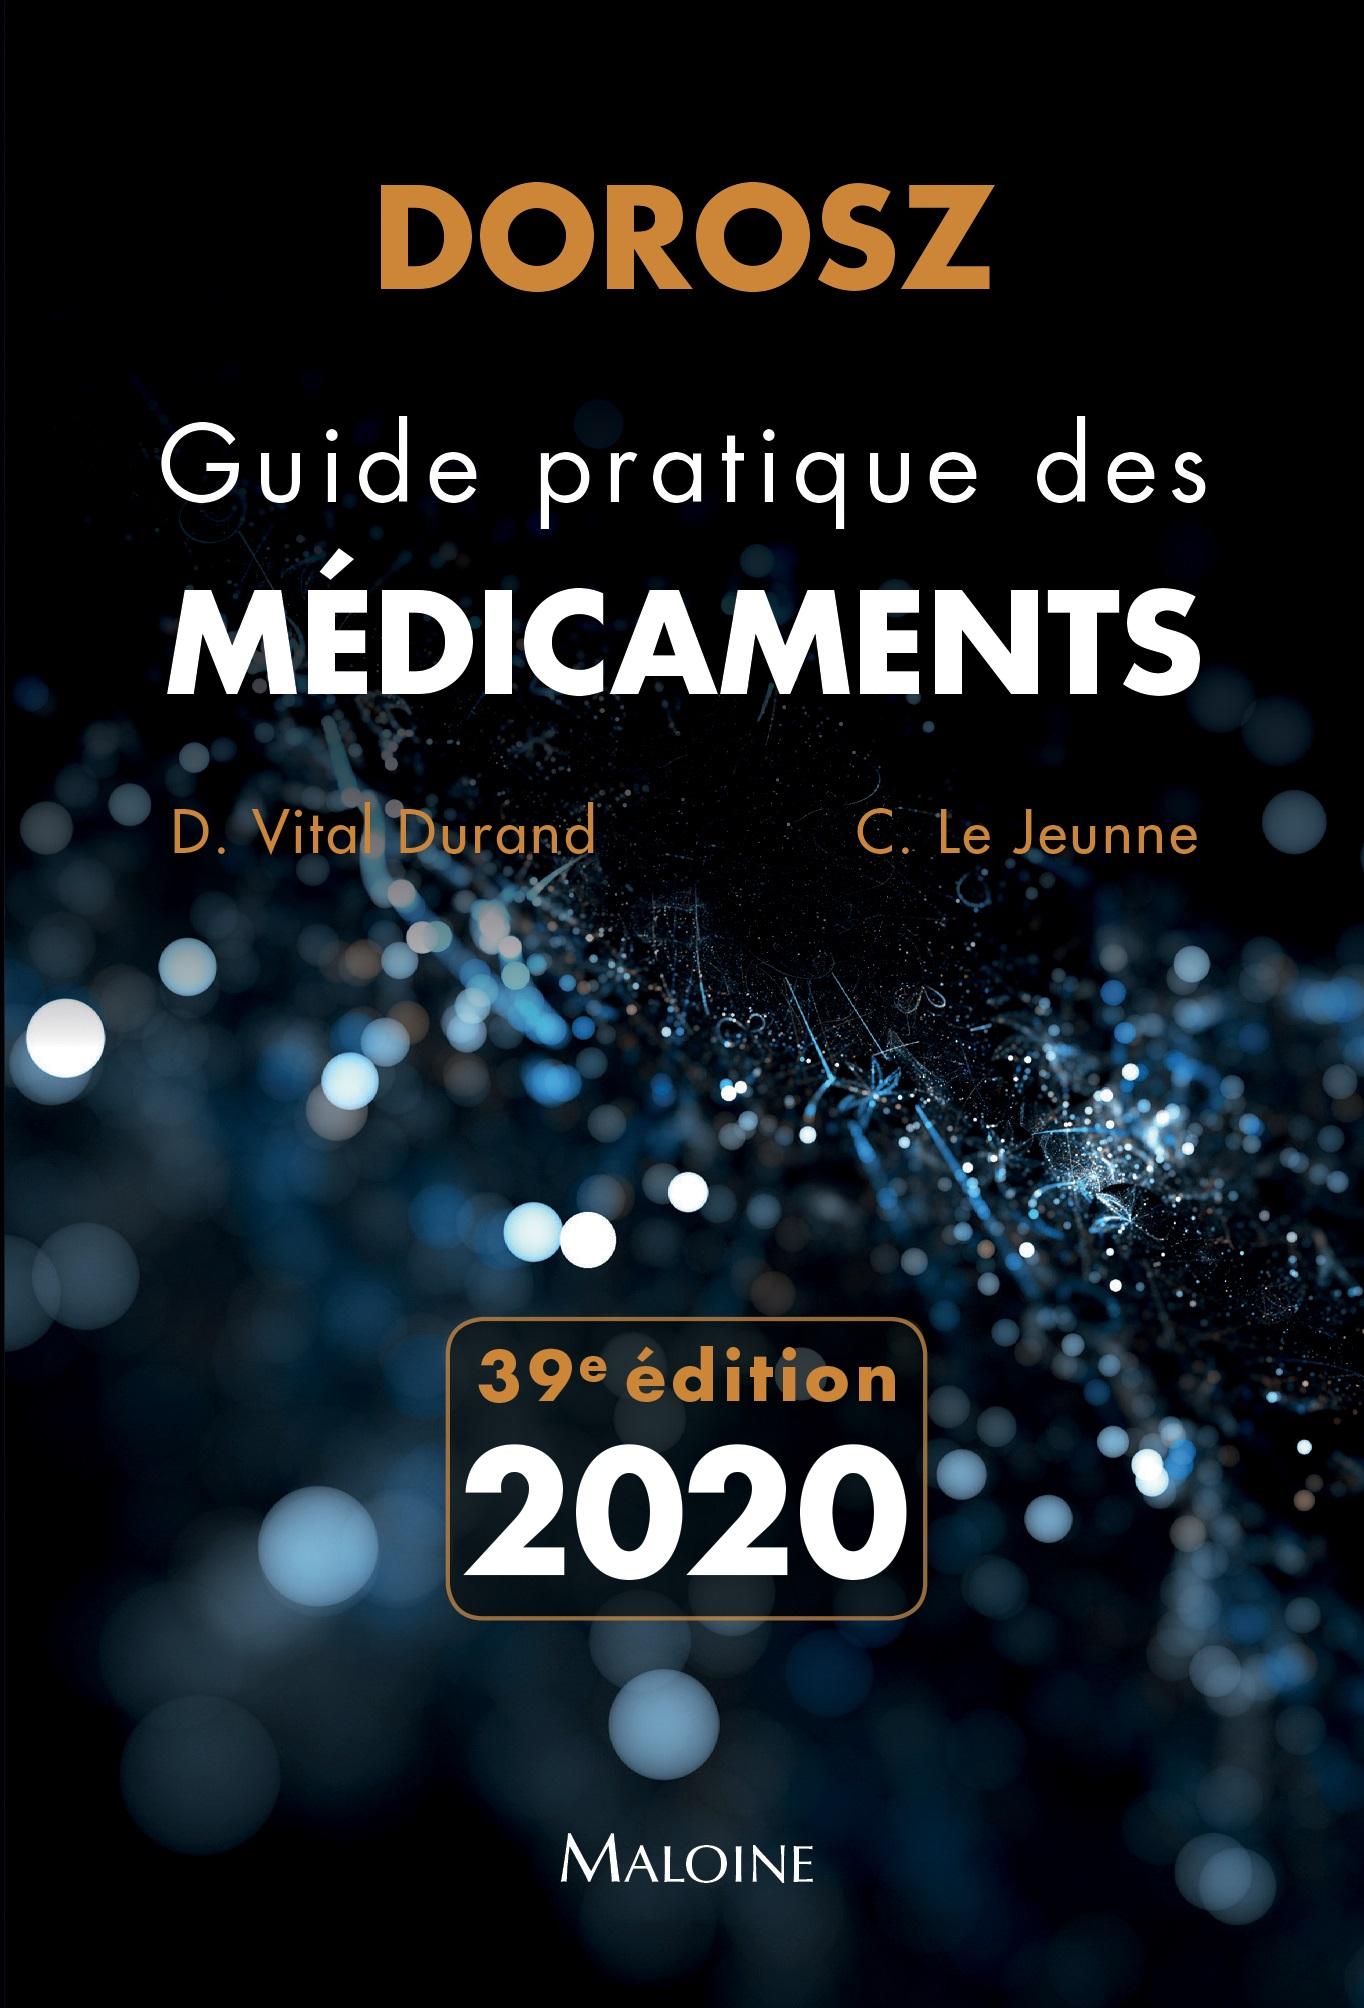 Dorosz Guide pratique des médicaments 2020, 39e éd